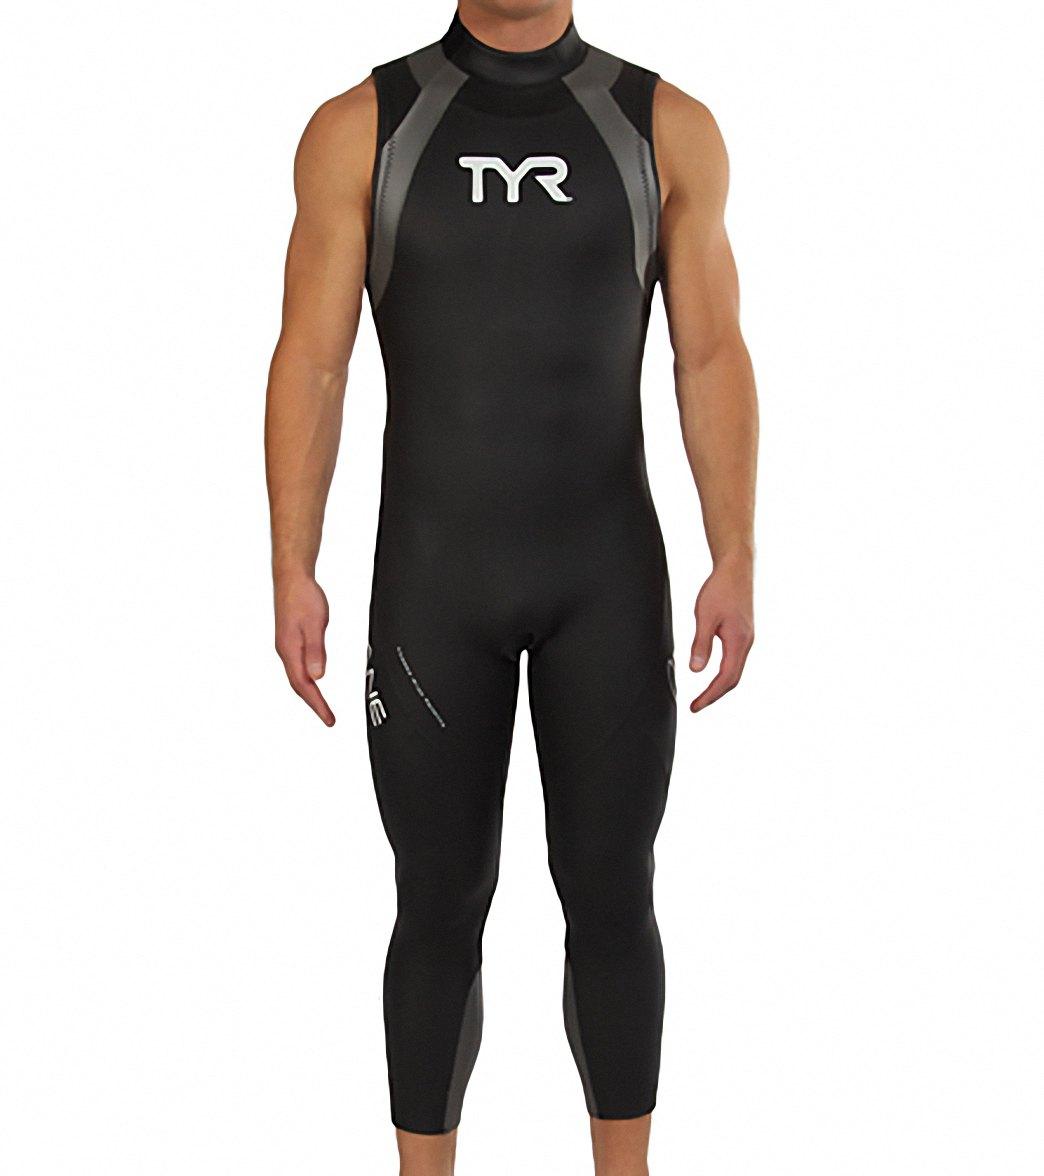 d65c5d9a360b1 TYR Men s Hurricane Cat 1 Sleeveless Wetsuit at SwimOutlet.com ...